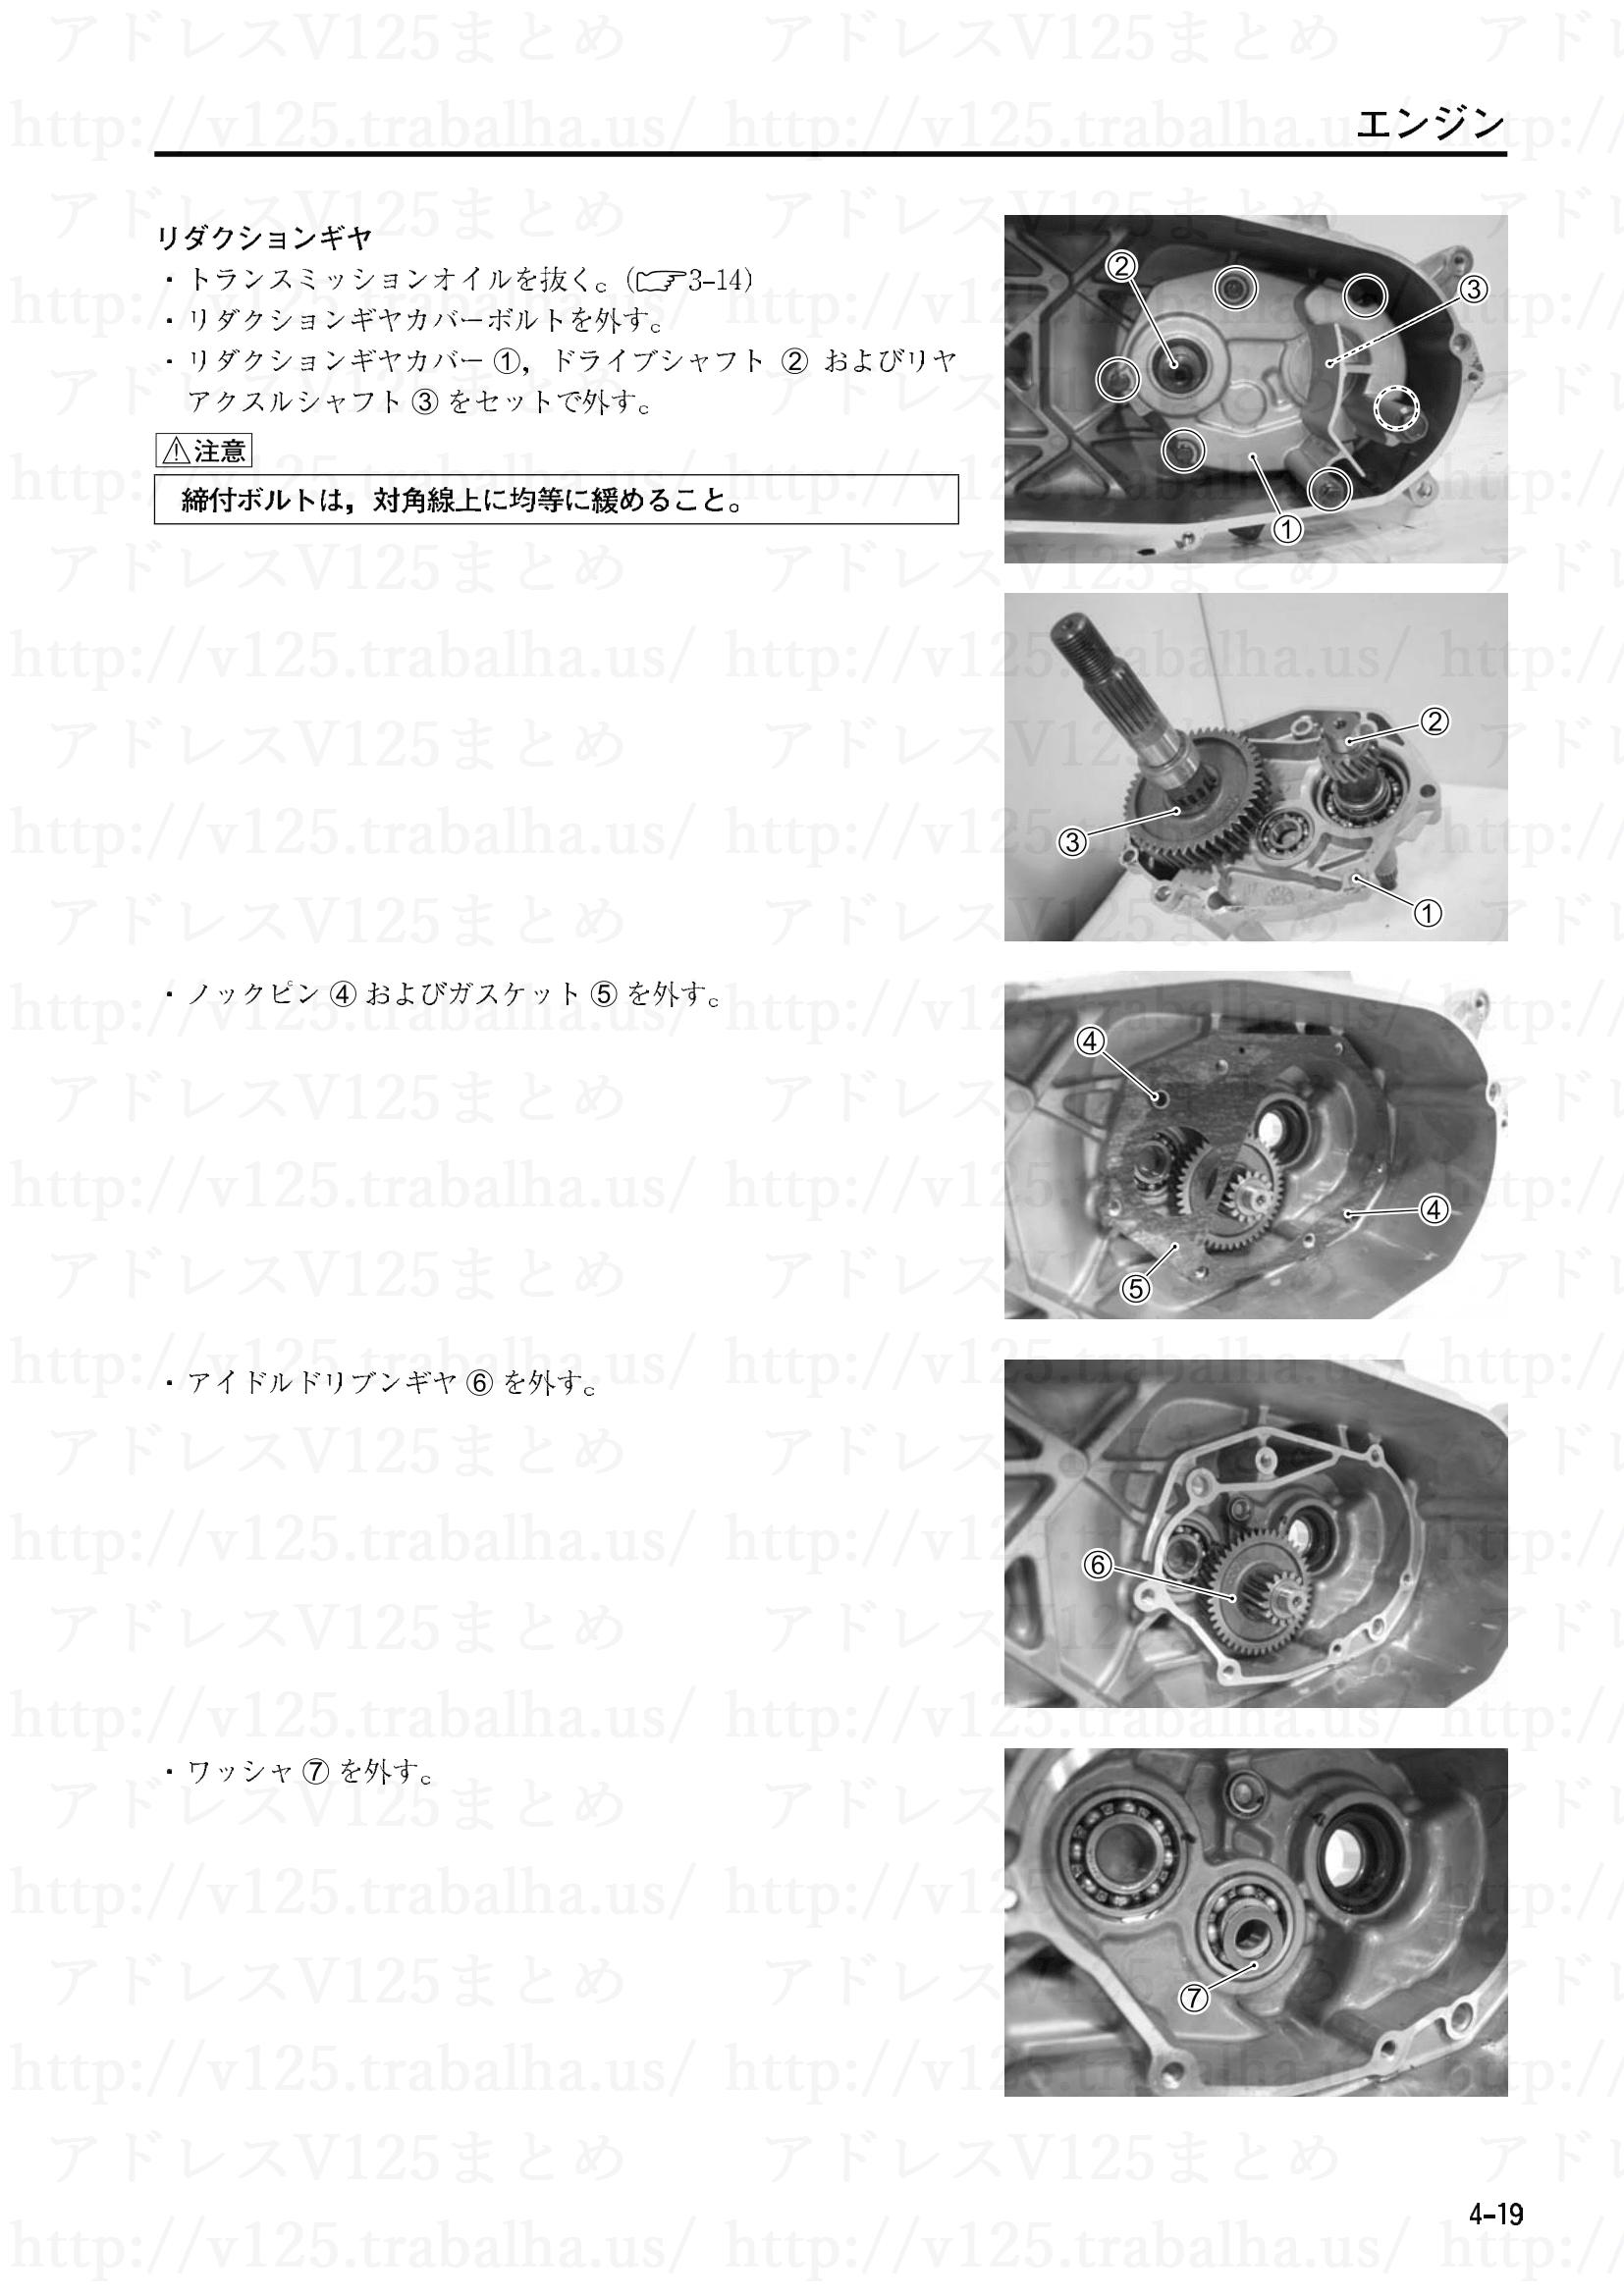 4-19【エンジン】エンジンの分解8